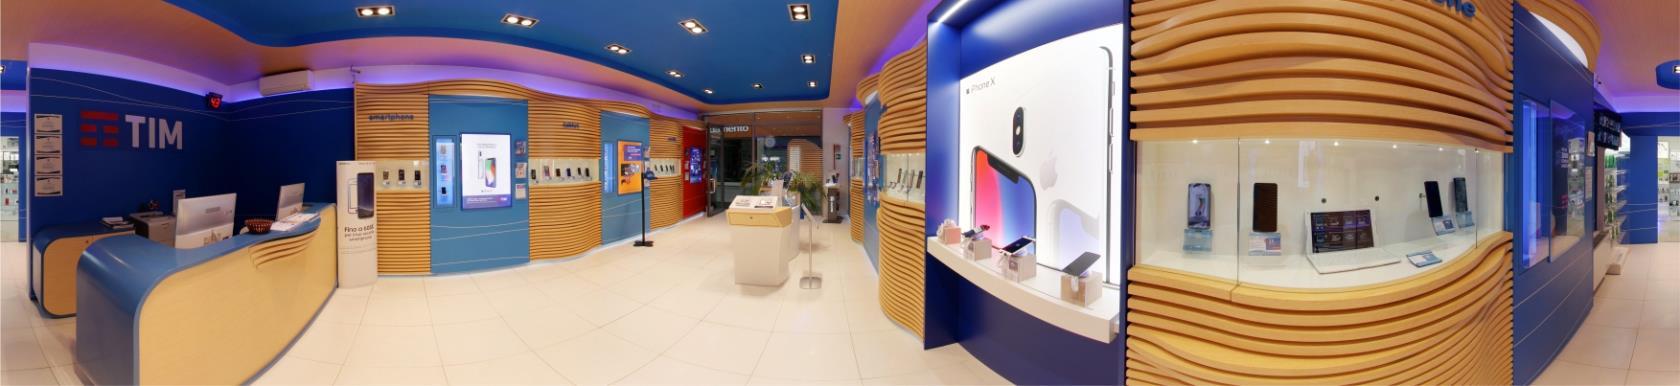 Centro TIM Mondial Toys